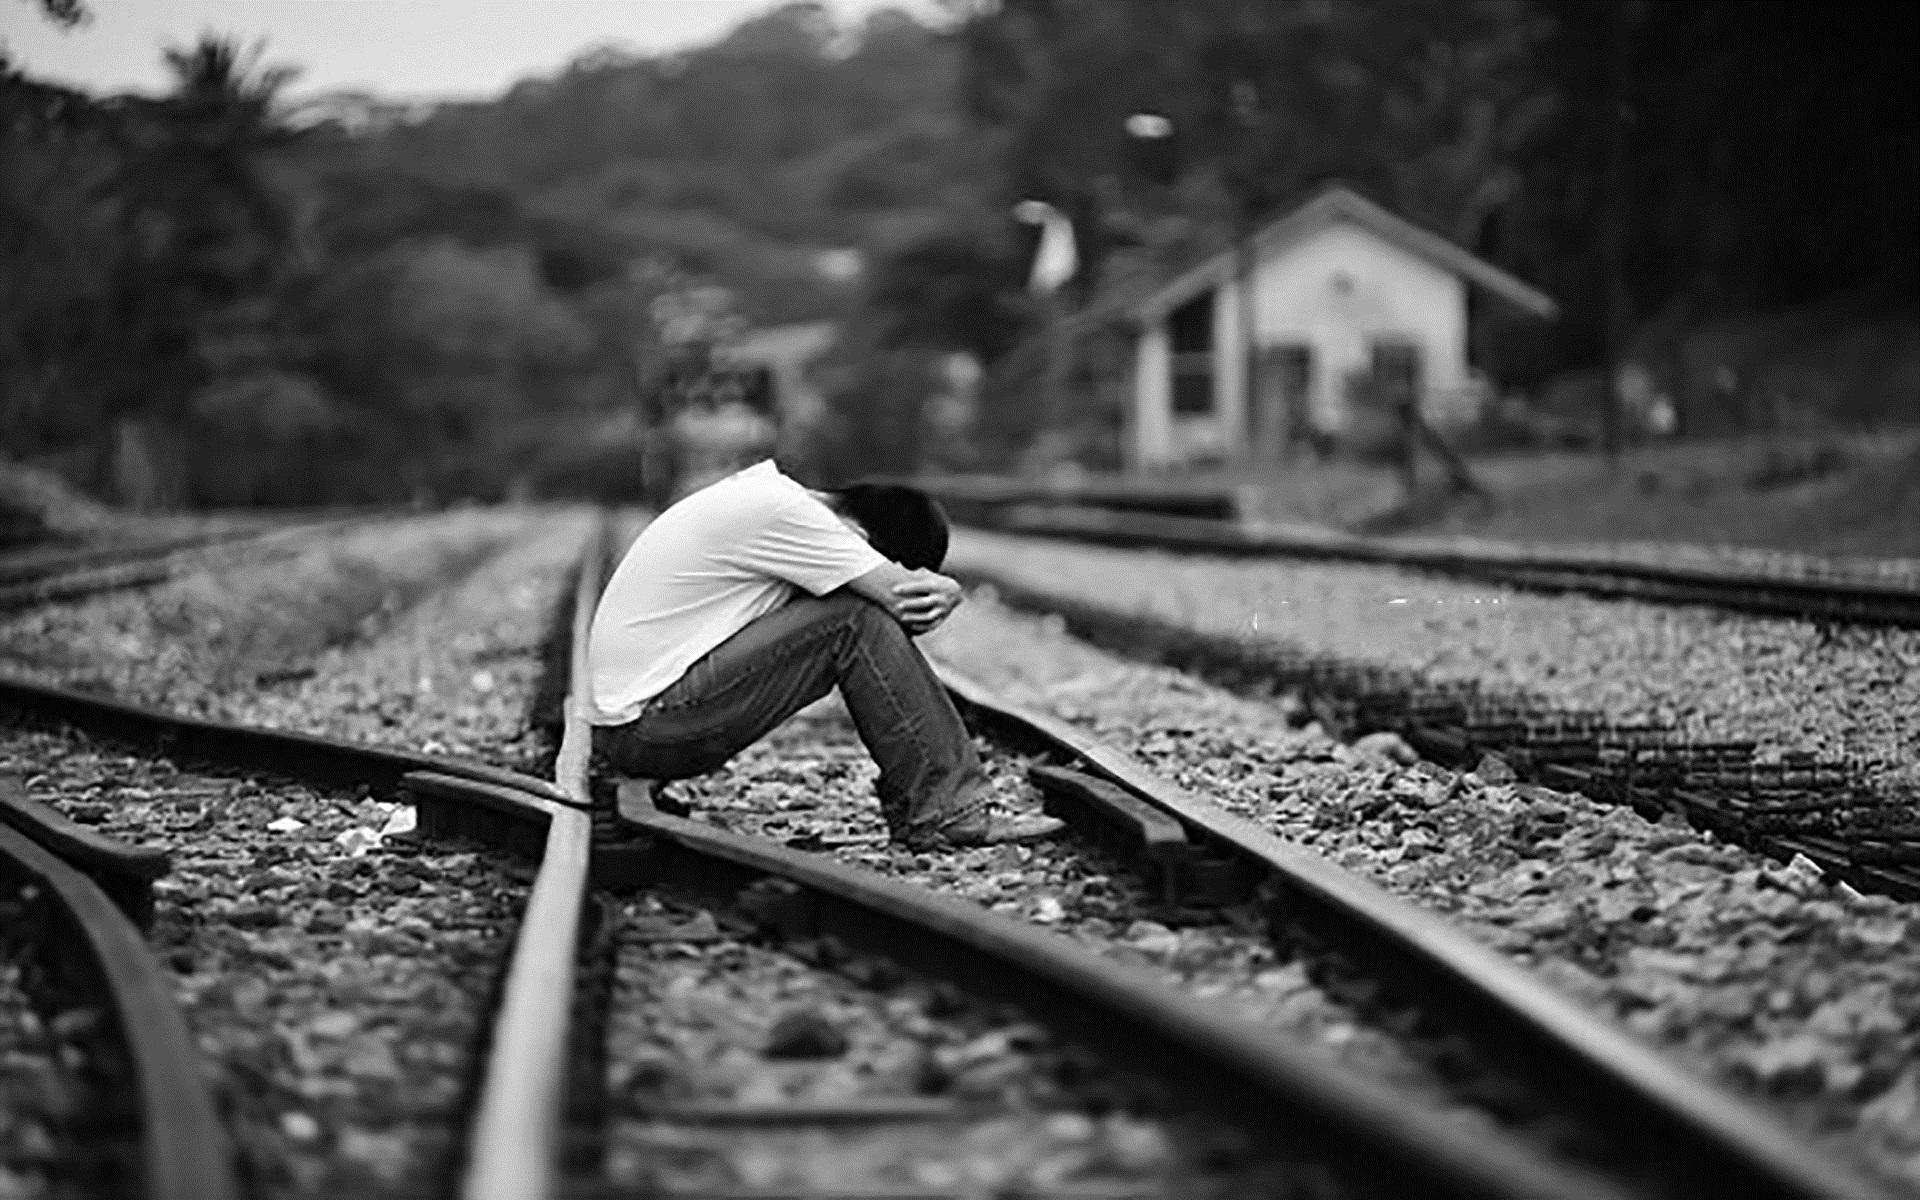 Hình nền chàng trai ngồi khóc trên đường ray trông rất buồn